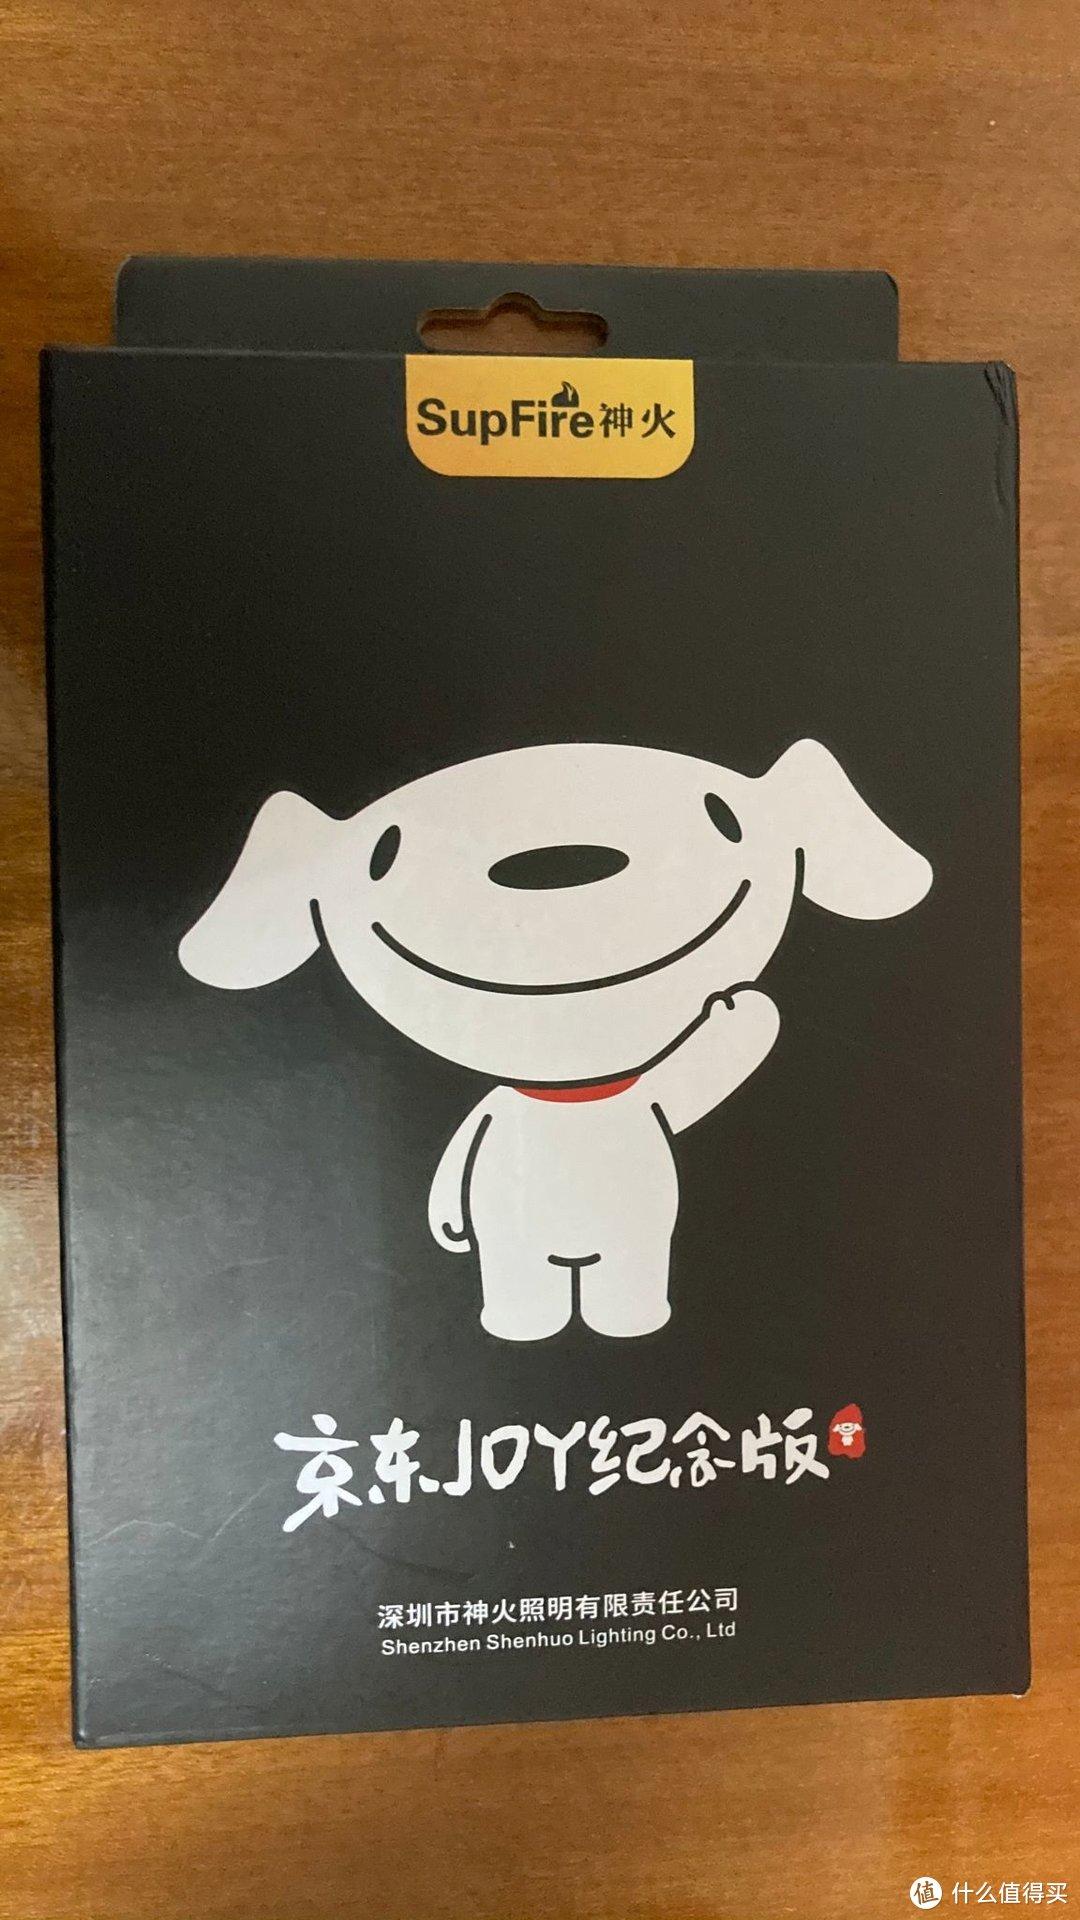 京东神火联名的包装盒